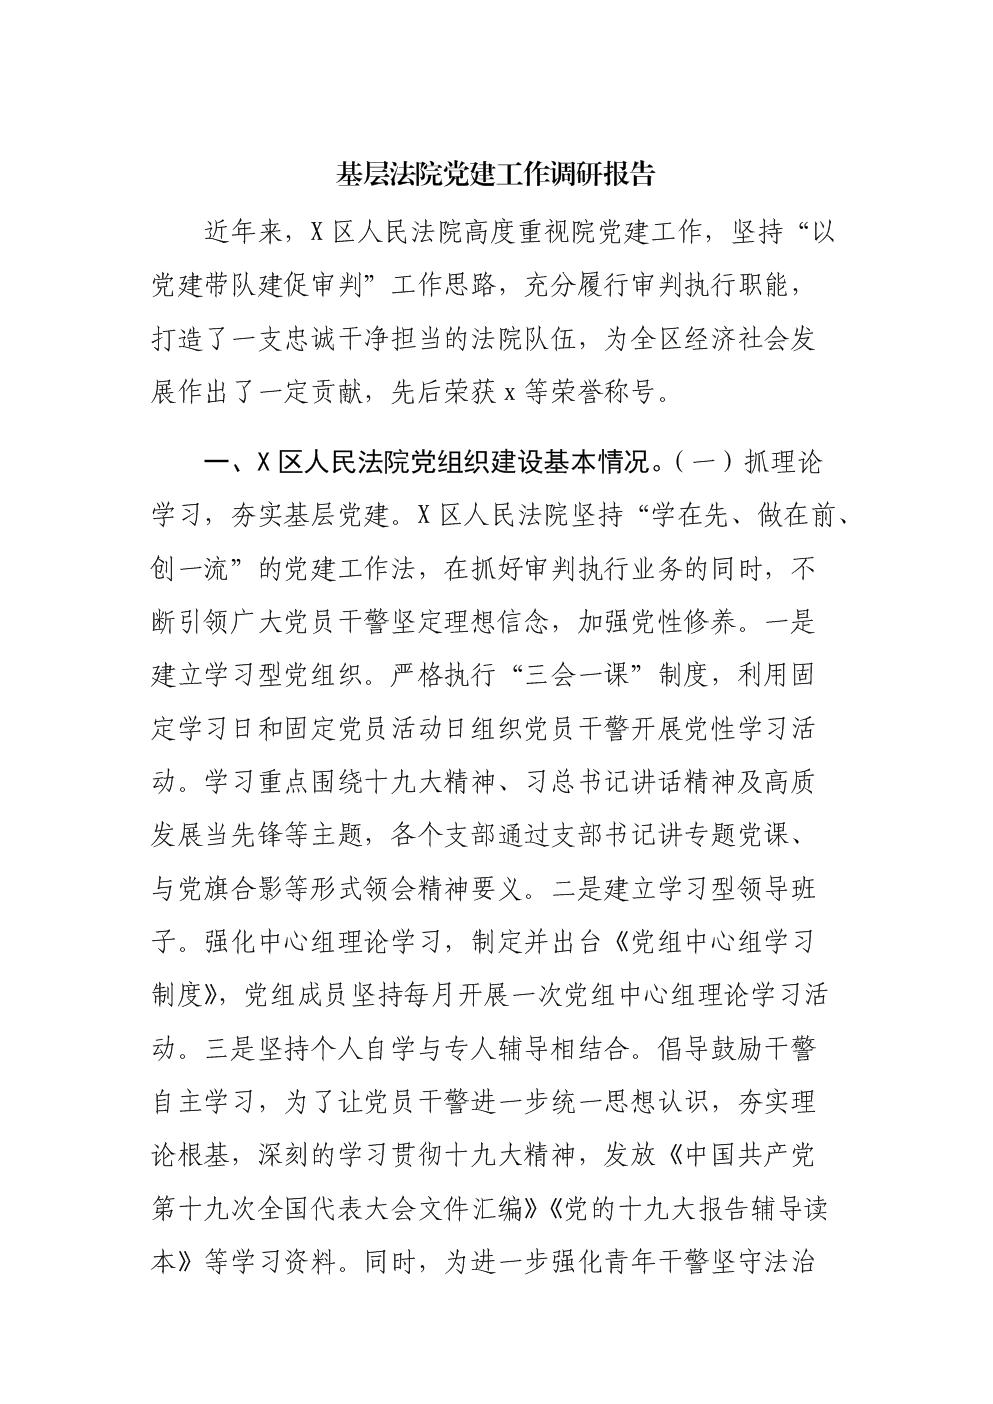 基层法院党建工作调研报告.docx